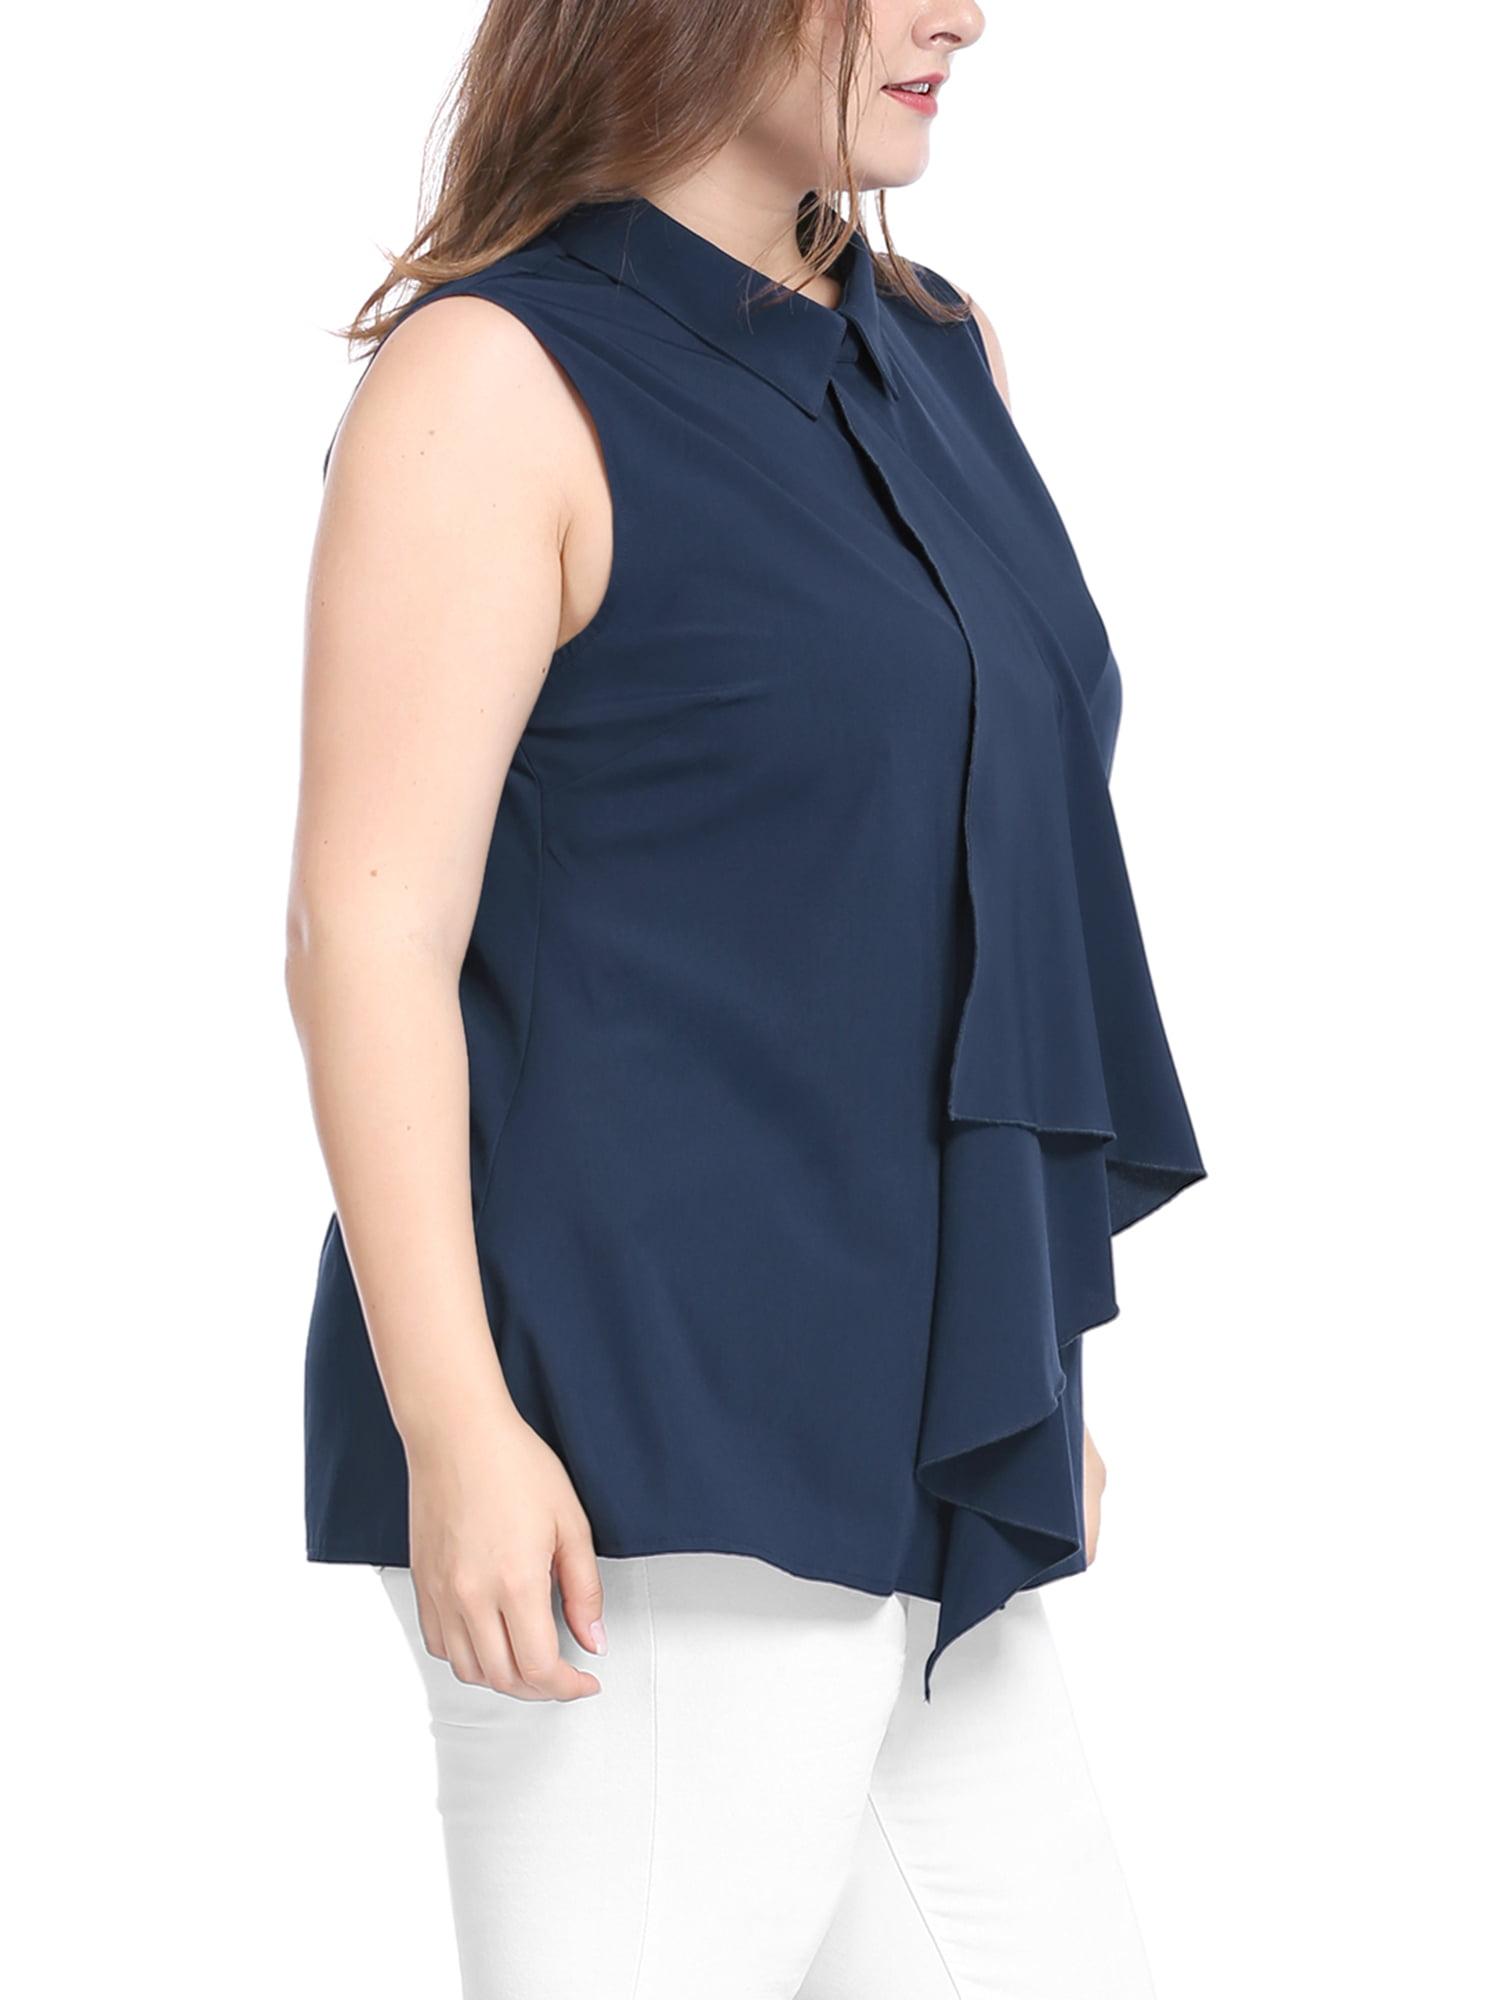 8dcf3bb08c39c Unique Bargains - Women s Plus Size Blouses Placket Ruffle Fashion  Sleeveless Shirt Tops Blouse - Walmart.com